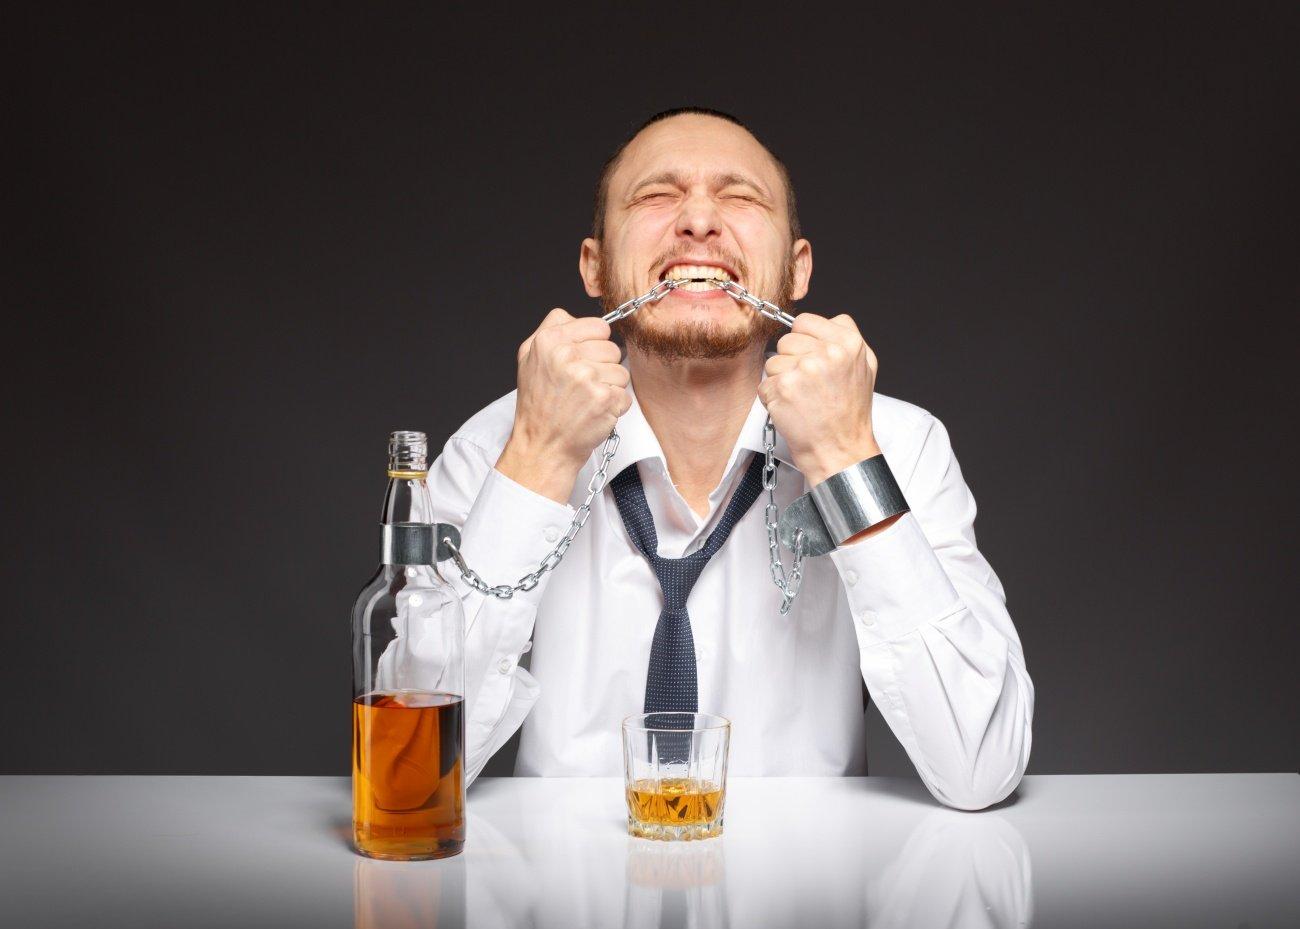 Борьба с алкоголизмом начинается с самого себя фото